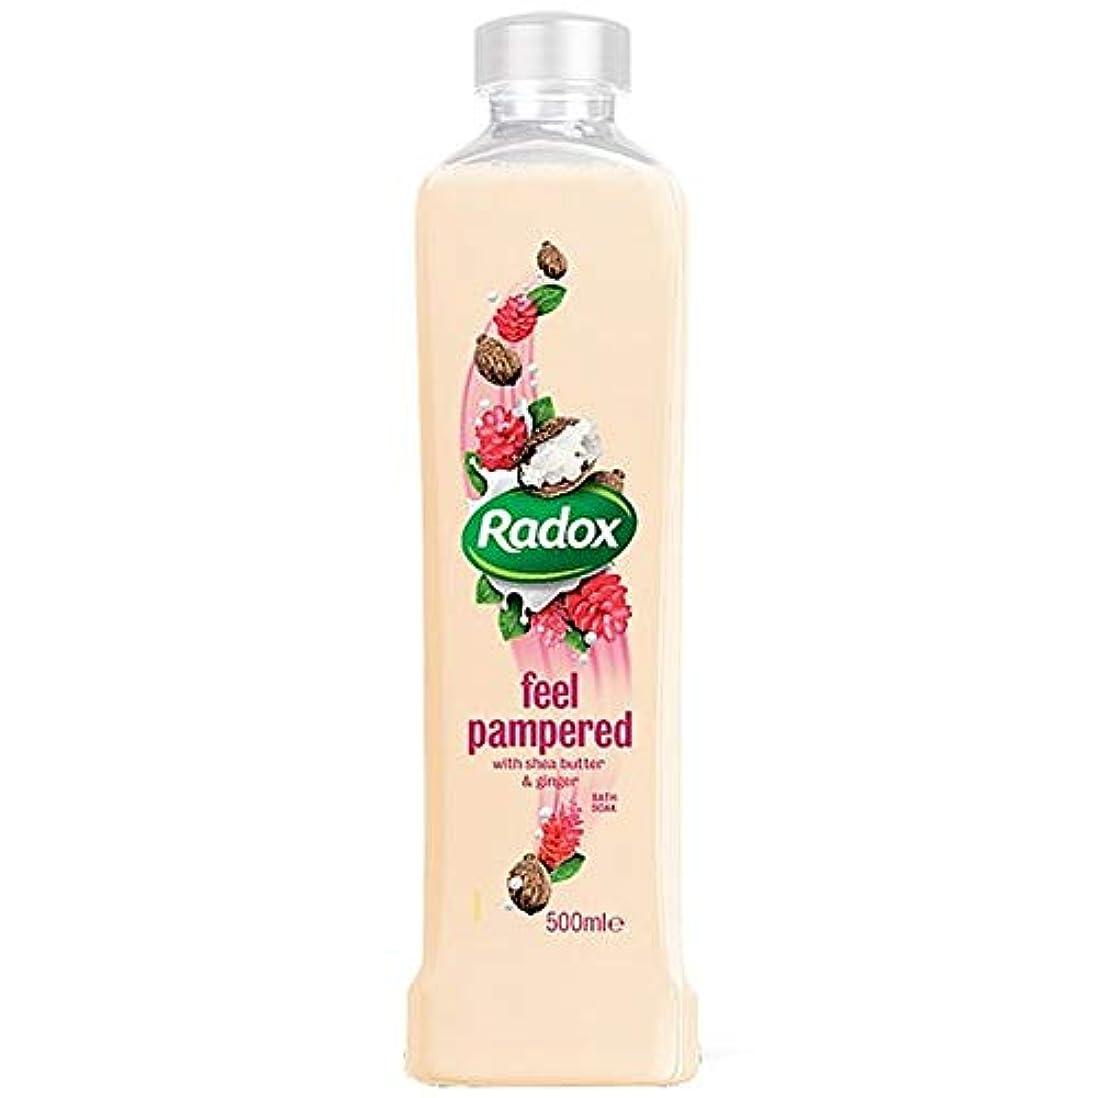 所得研磨剤費やす[Radox] Radoxは、500ミリリットルのソーク甘やかさ風呂を感じます - Radox Feel Pampered Bath Soak 500Ml [並行輸入品]